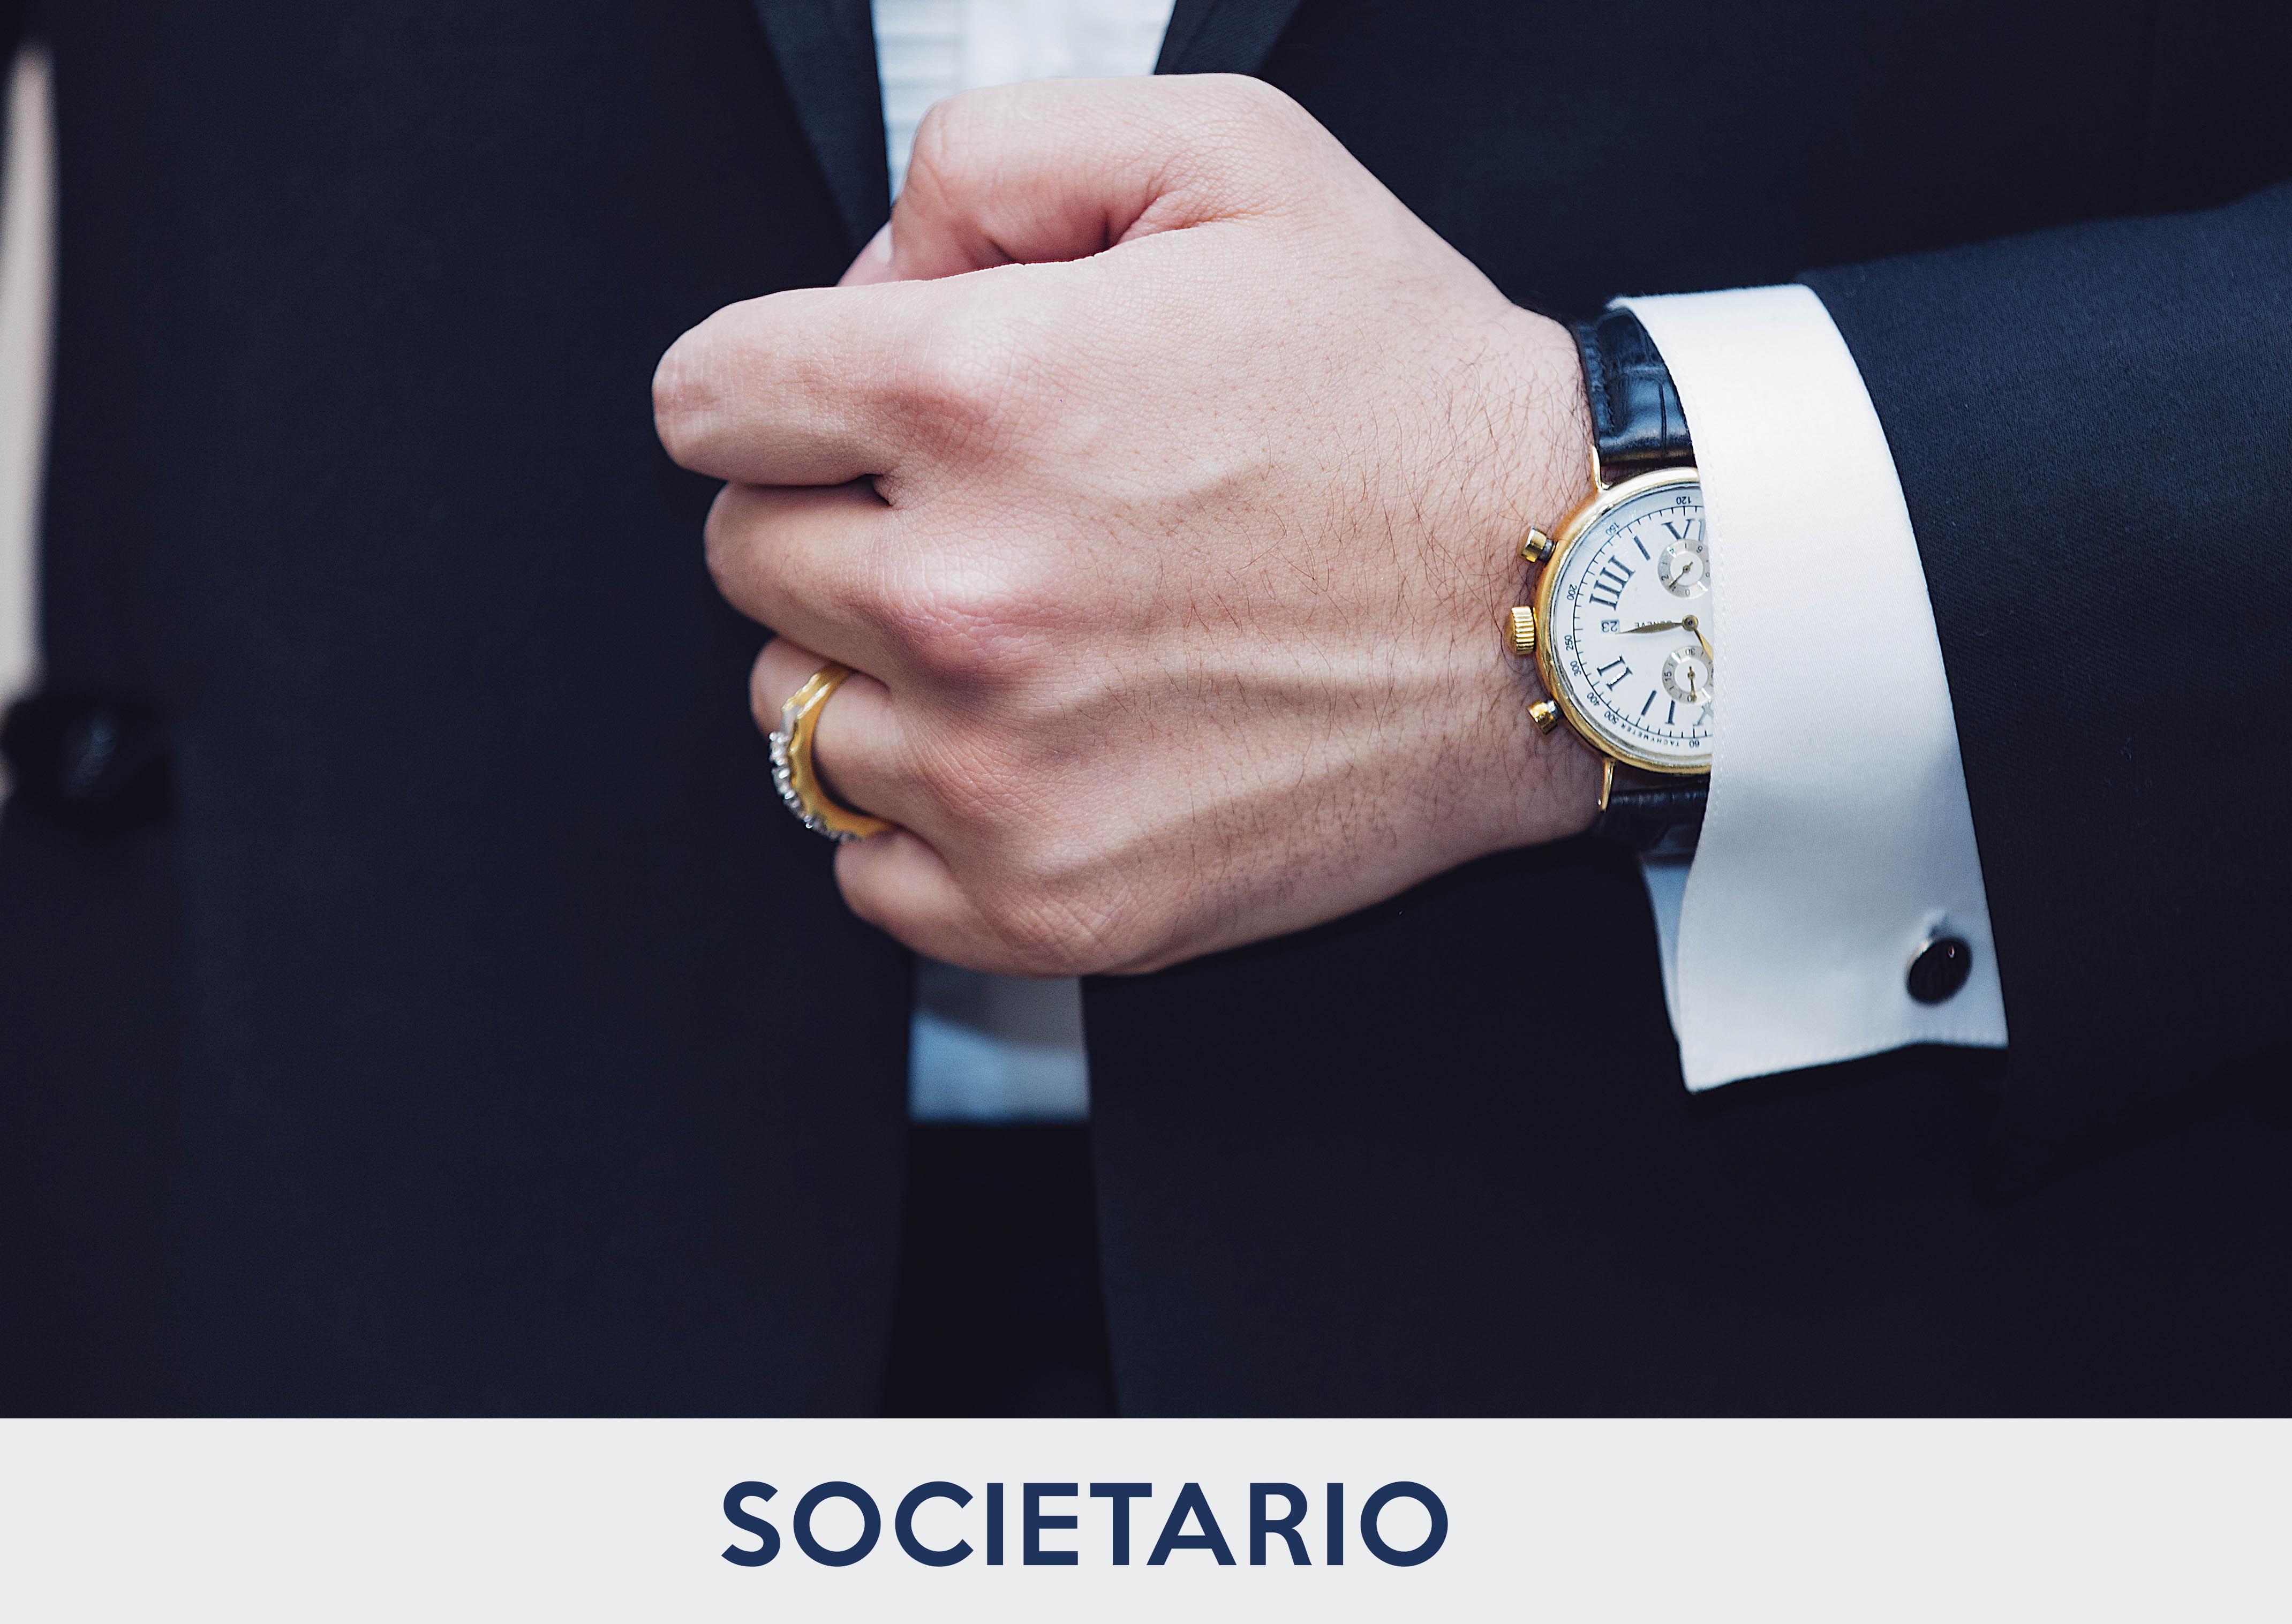 Asesoría societaria